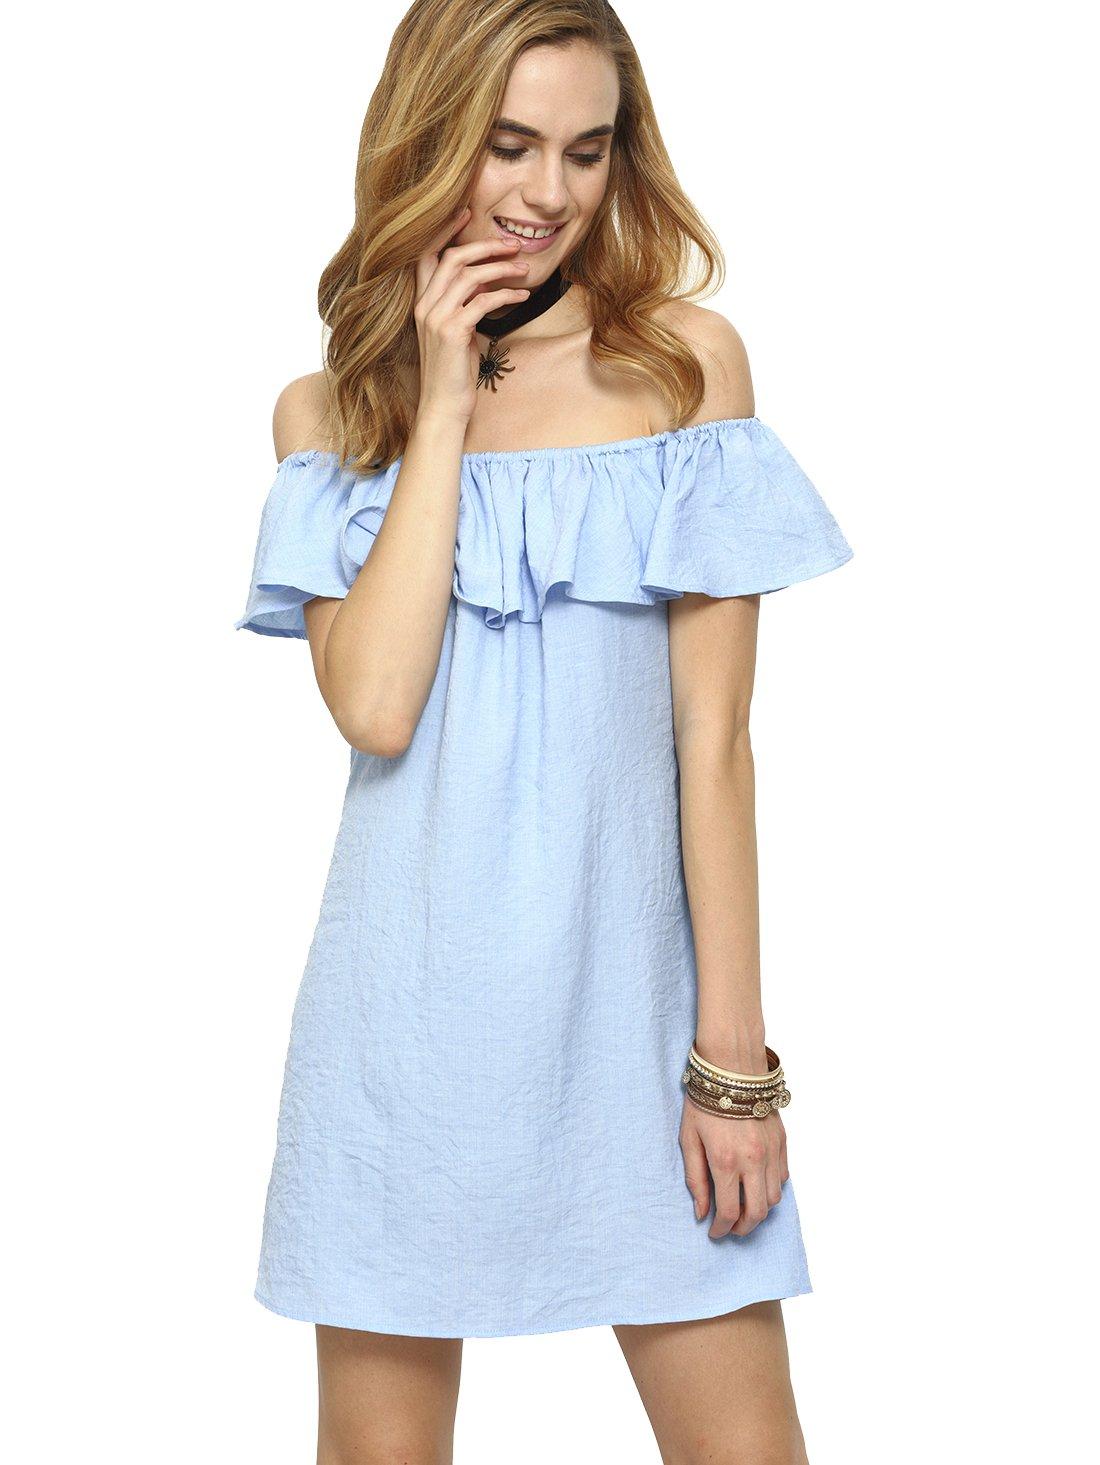 Romwe Women's Off Shoulder Ruffles Mini Dress Blue S